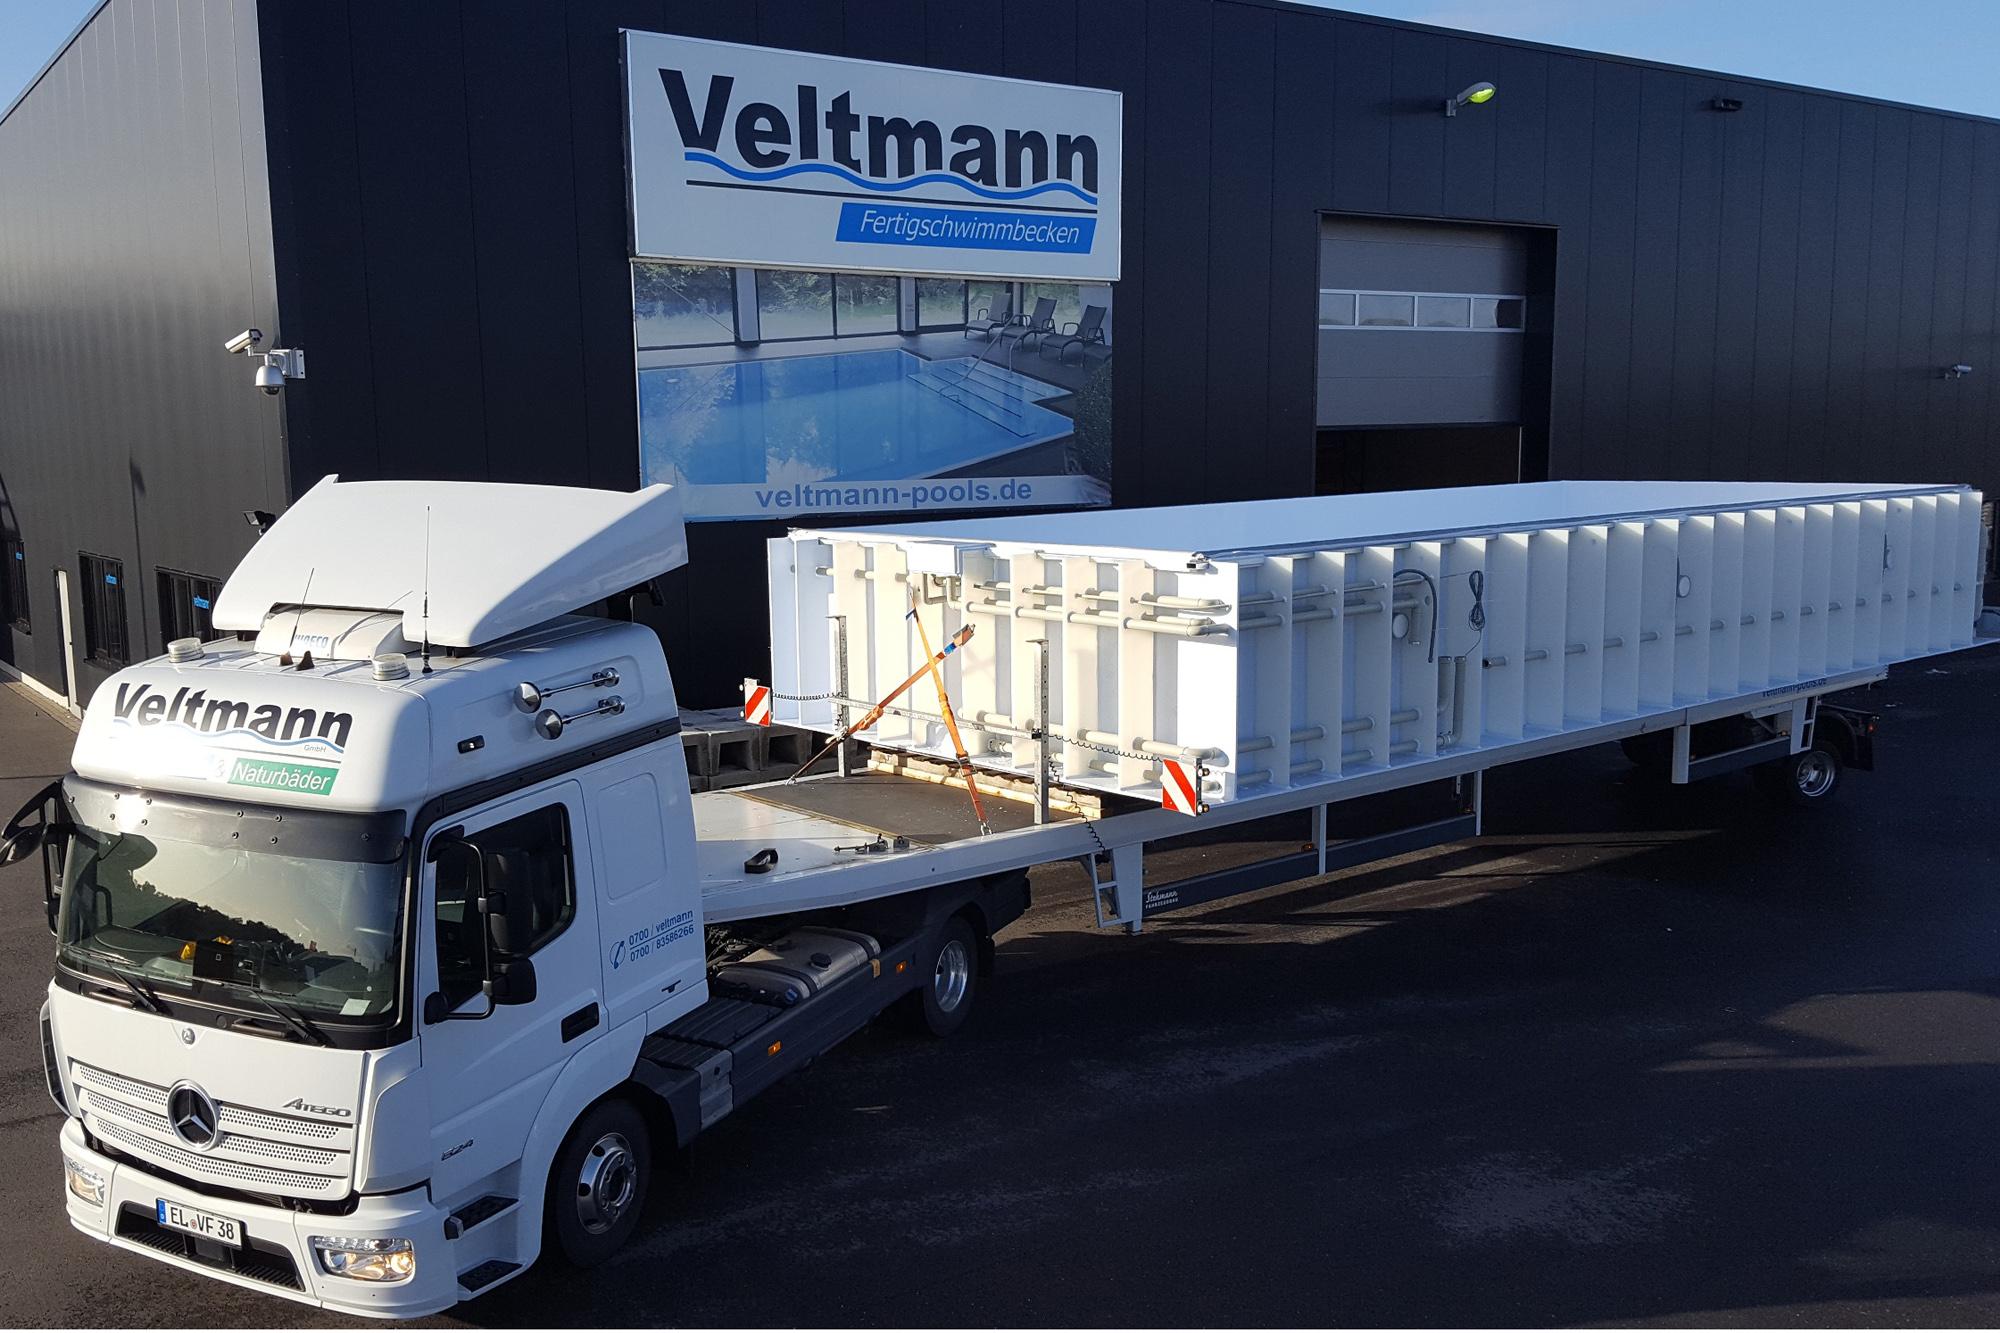 Veltmann Schwimmbecken Transport